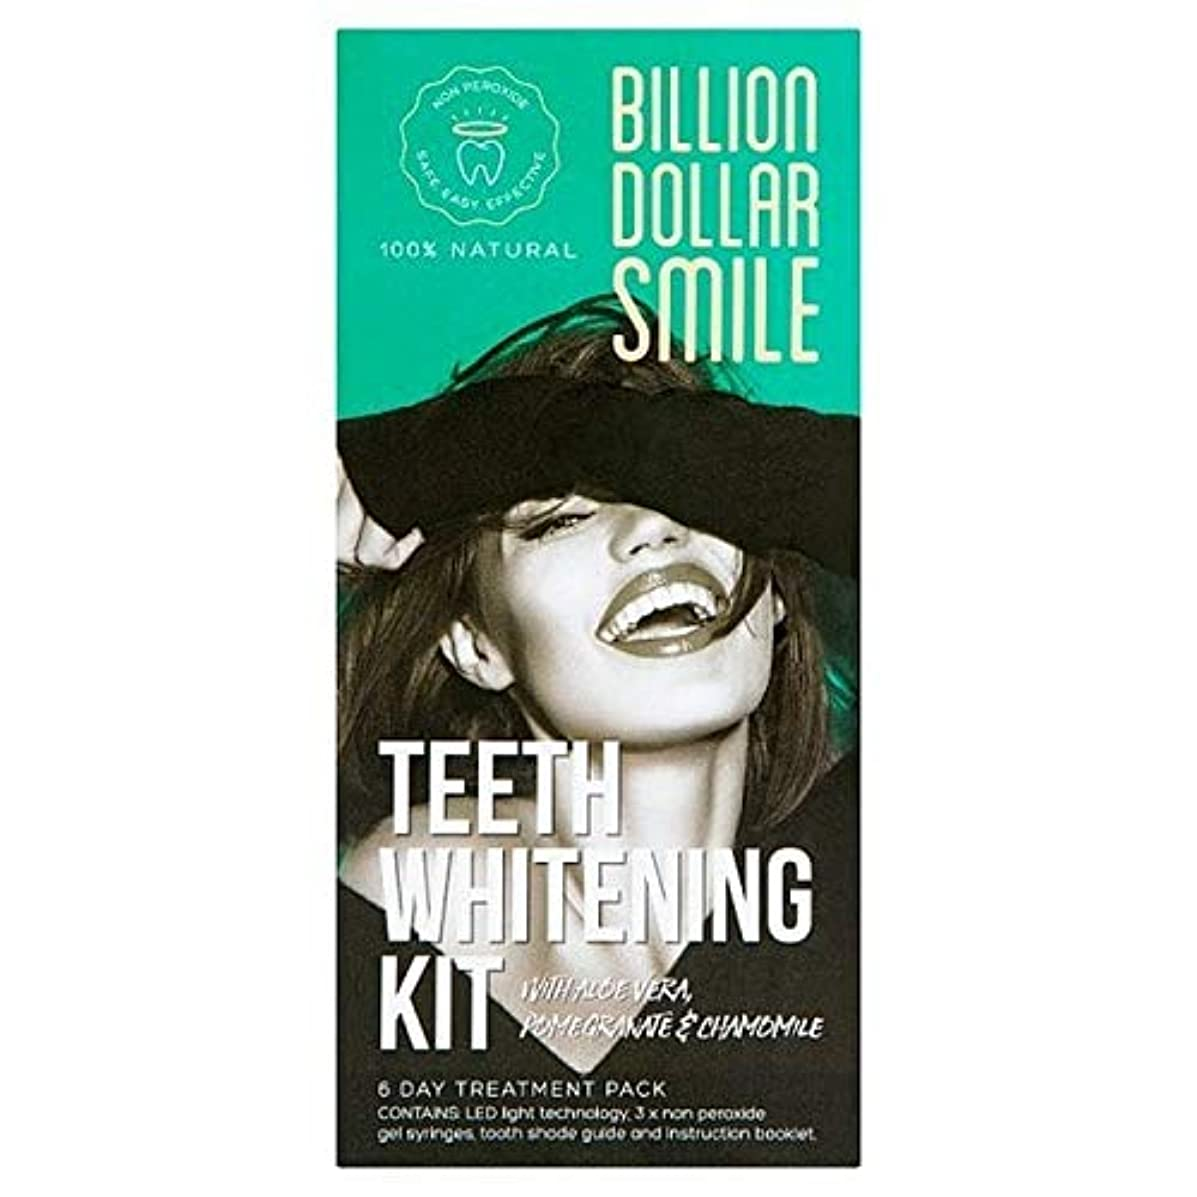 ボックス稼ぐポインタ[Billion Dollar Smile ] キットを白く億ドルの笑顔歯 - Billion Dollar Smile Teeth Whitening Kit [並行輸入品]